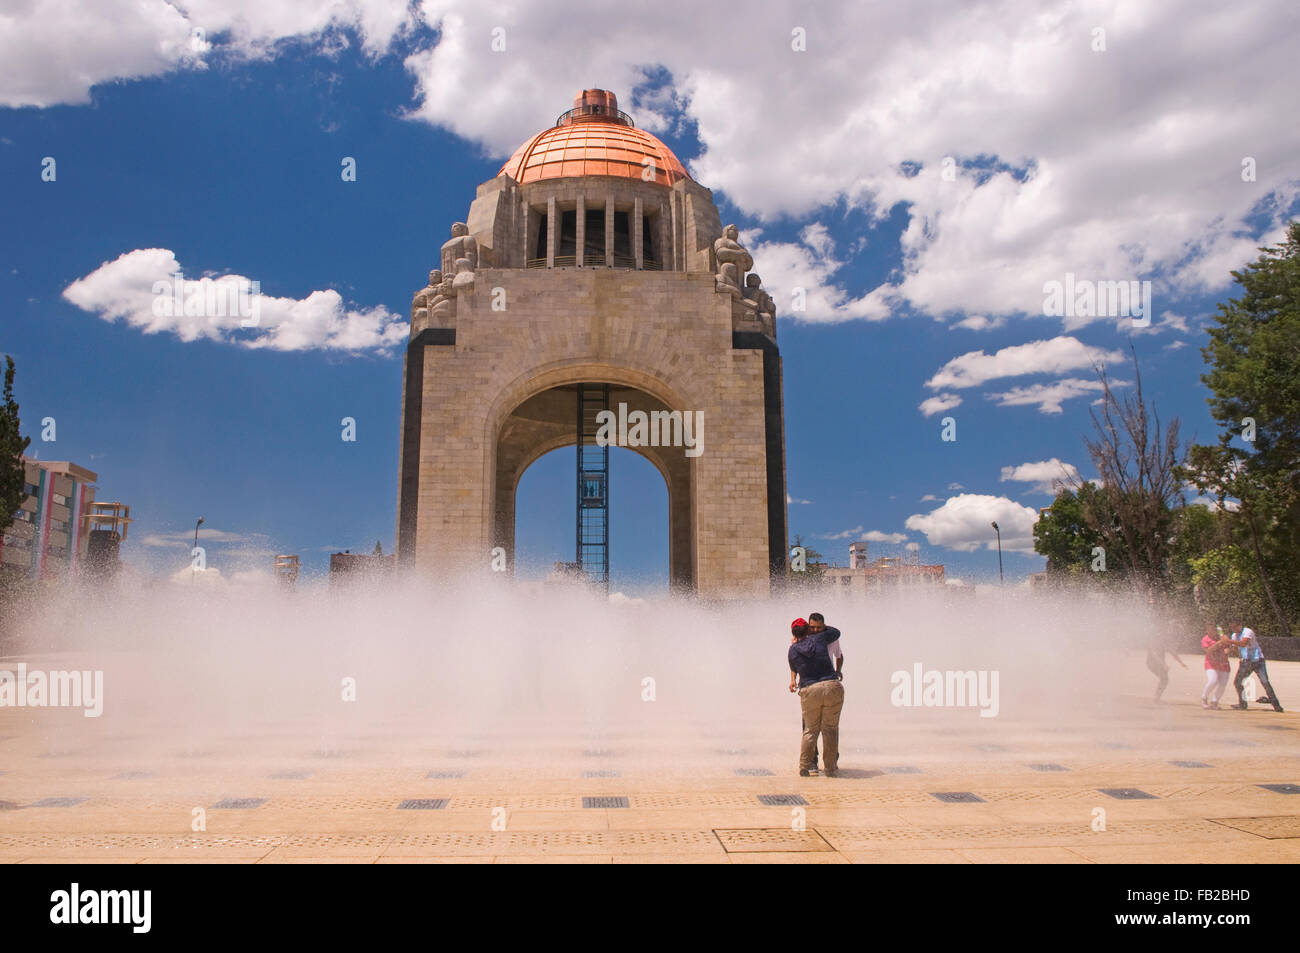 La gente descansando en la fuente del Arco de la Revolucion (Arco de la revolución), en la Ciudad de México, Imagen De Stock